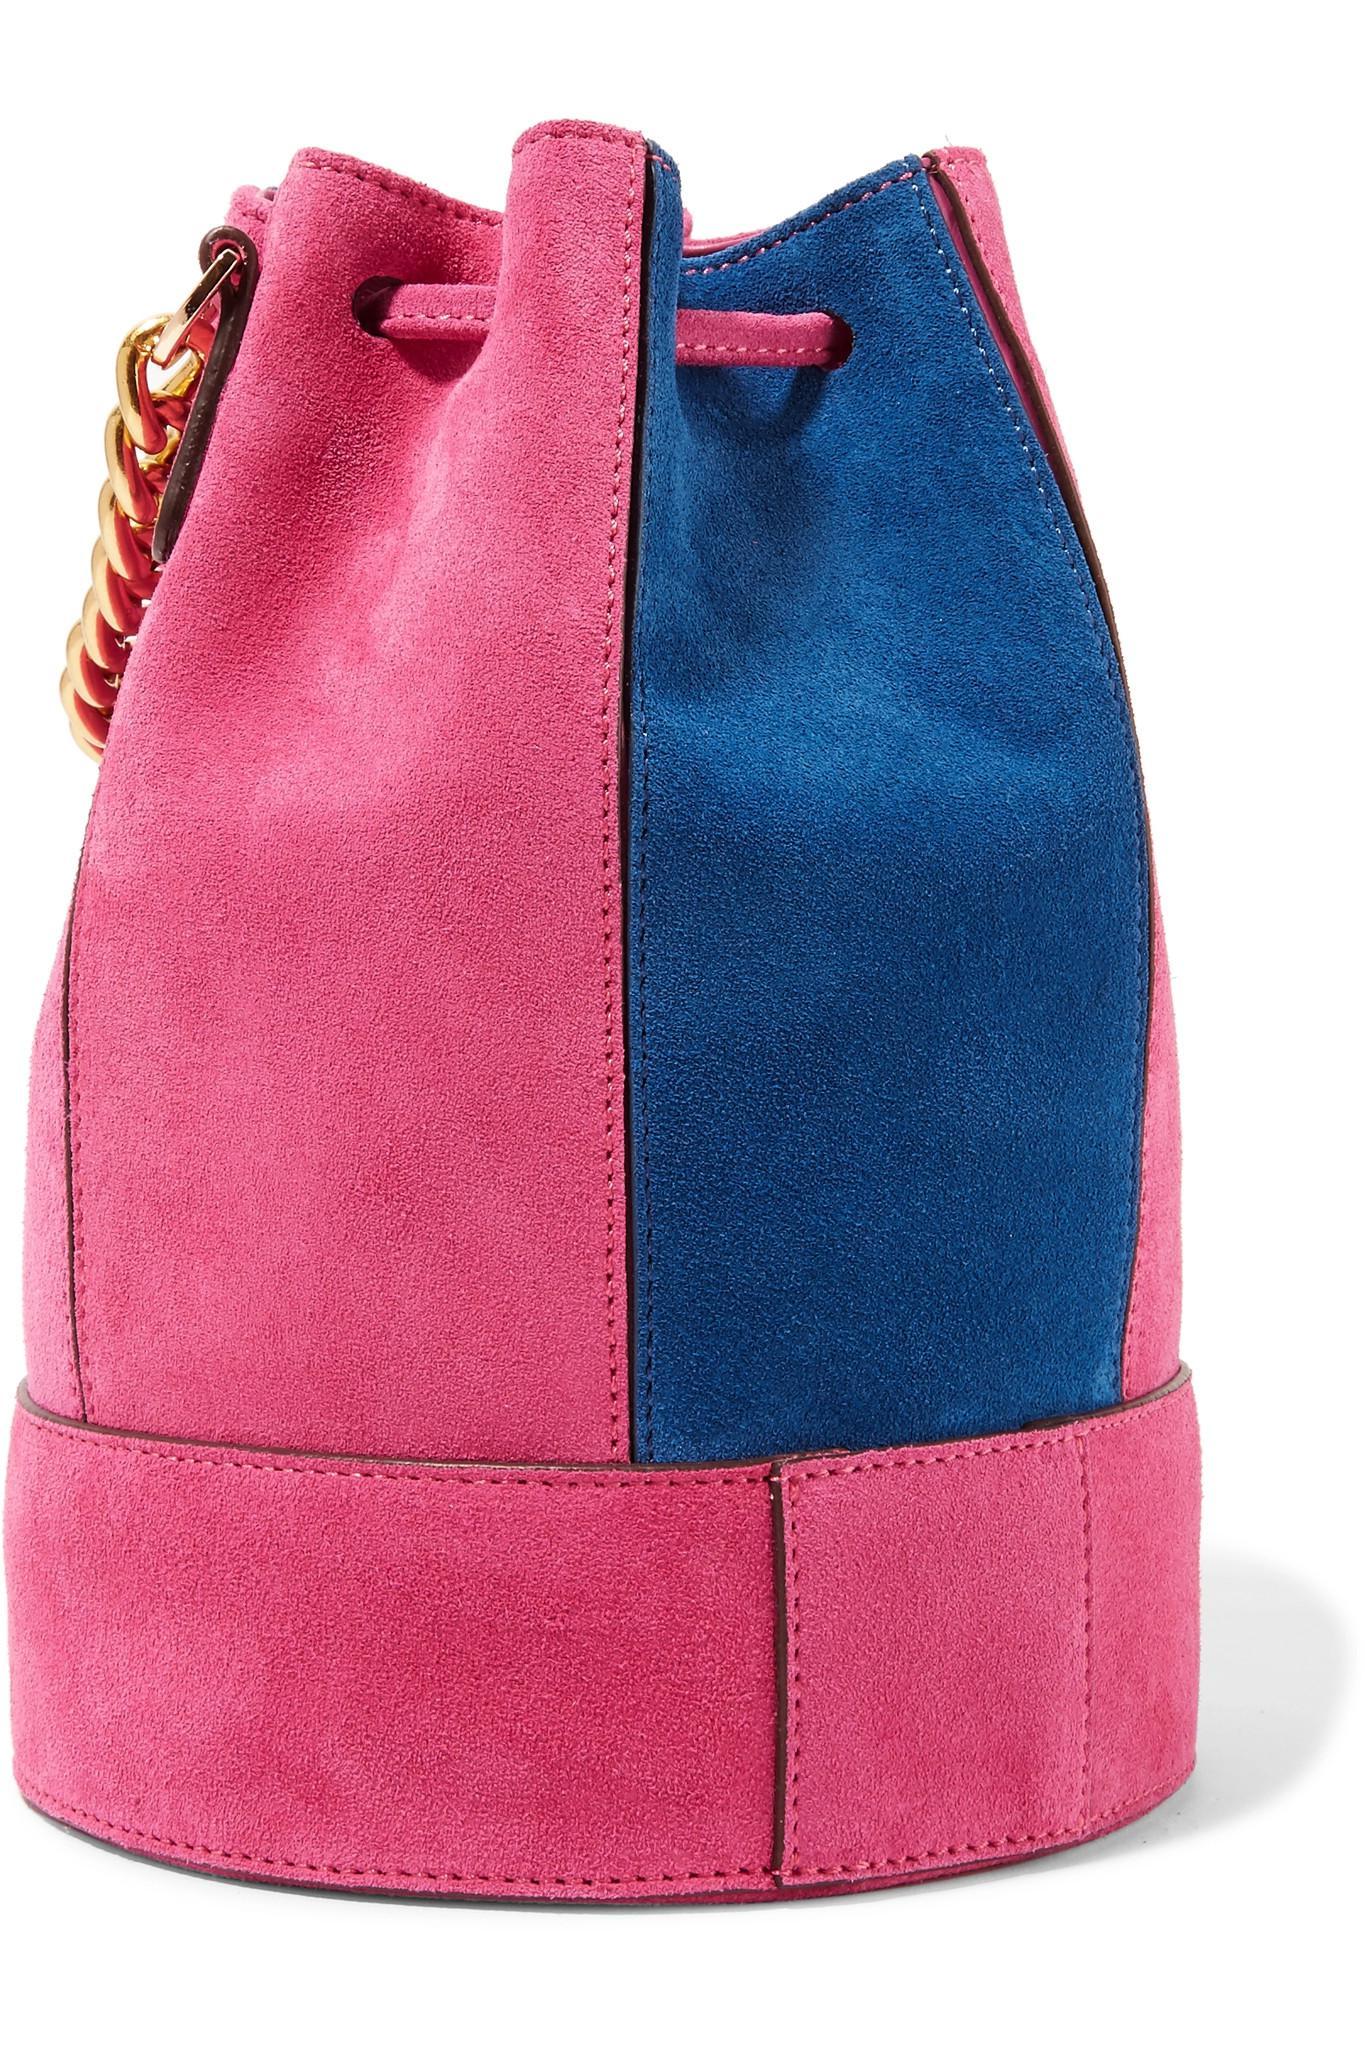 Zeal Two-tone Suede Bucket Bag - Magenta Manu Atelier Bmpkg